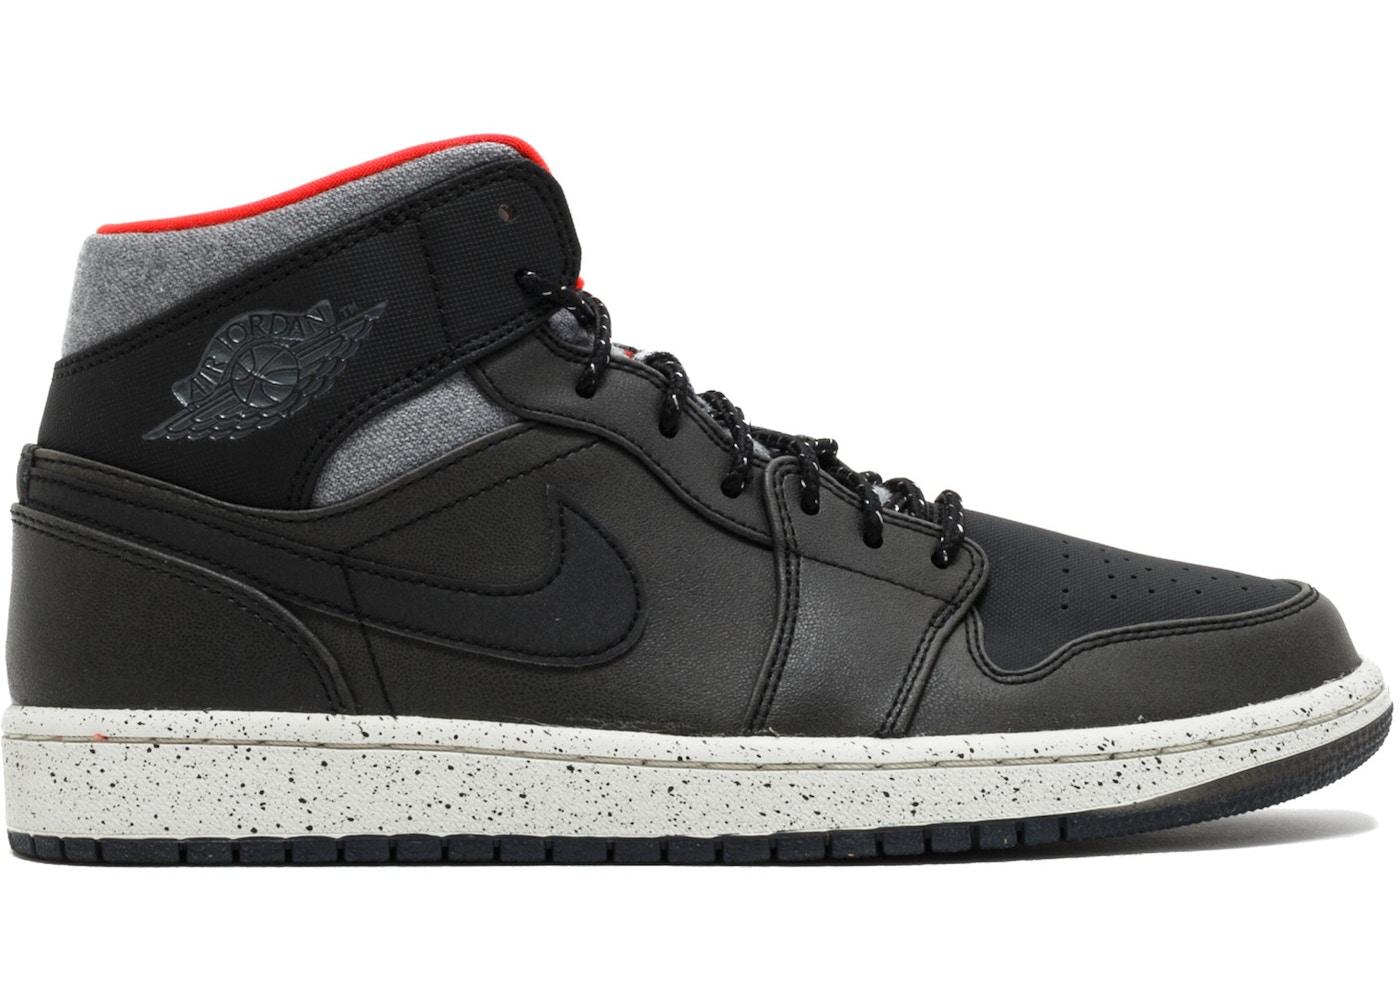 Air Jordan 1 Size 10 Shoes - Volatility 4e8e22a95